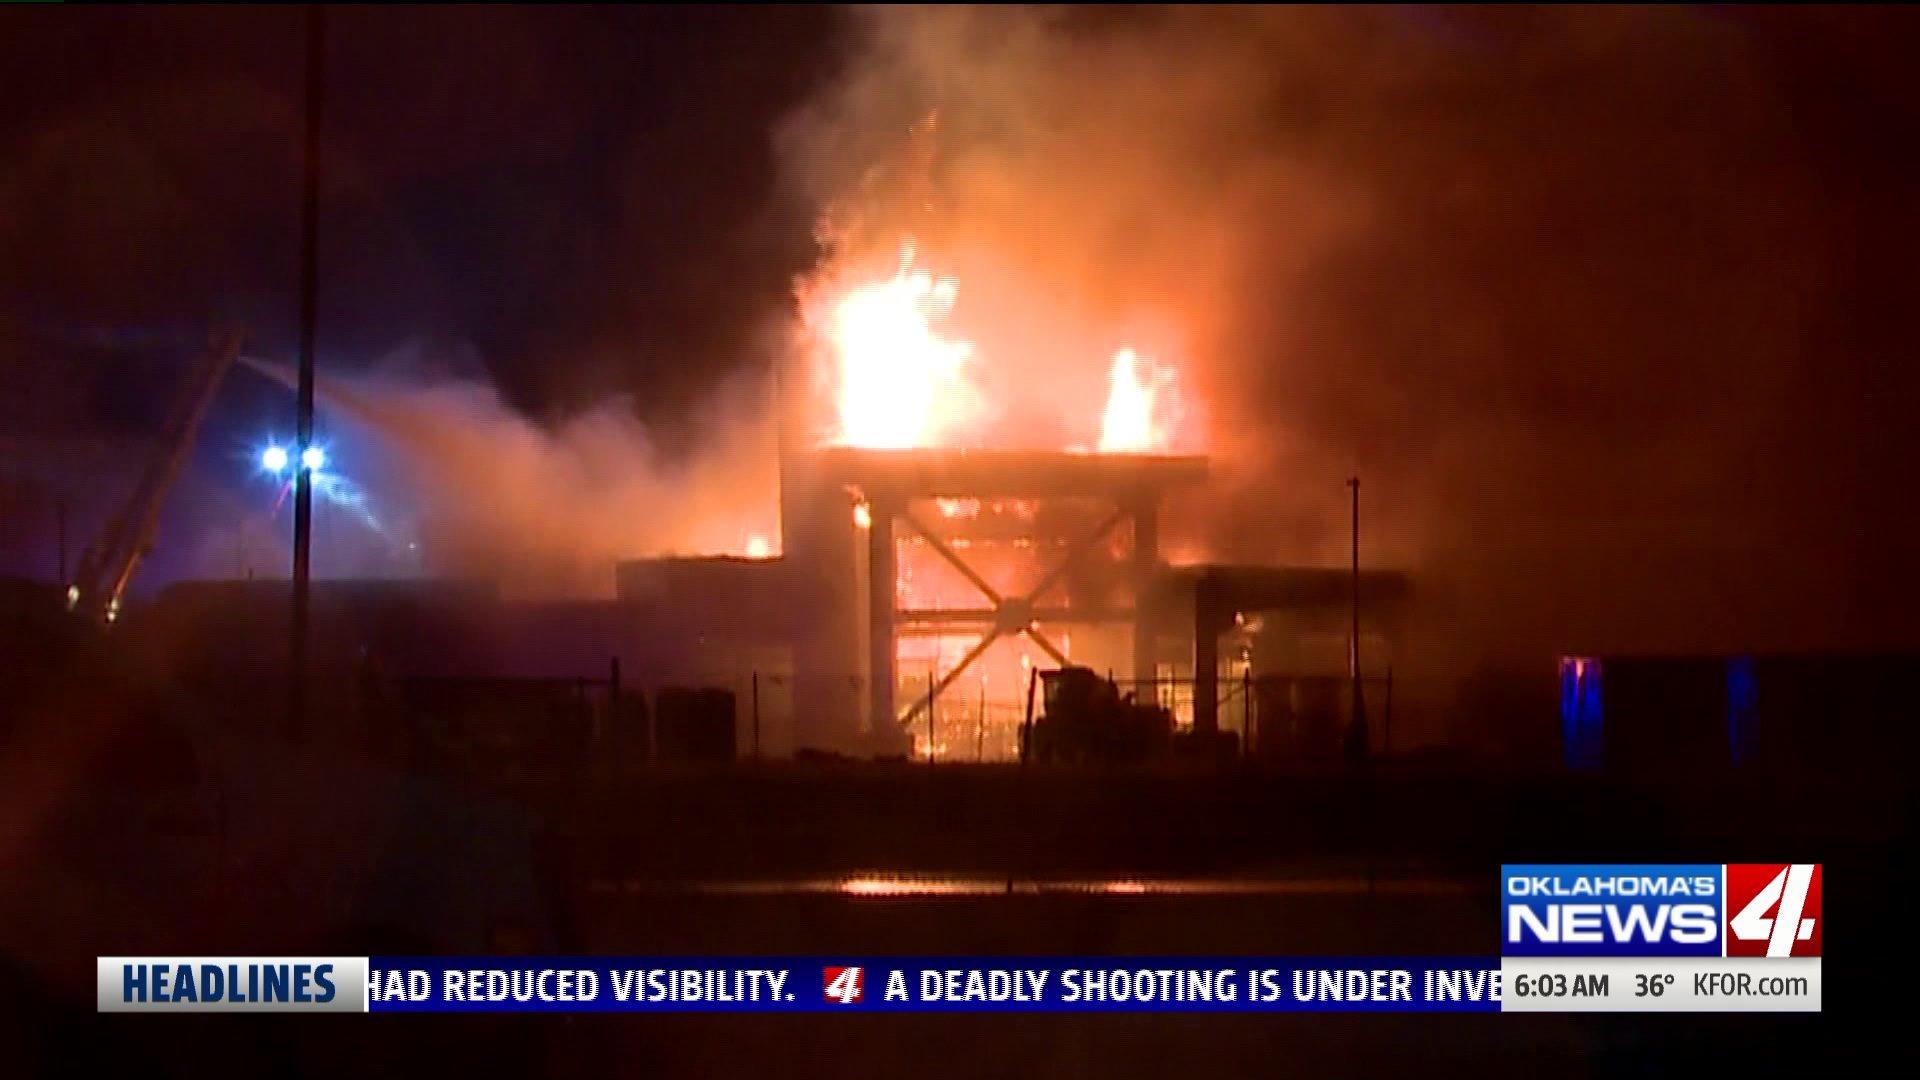 Fire at medical facility near I-240 and Air Depot